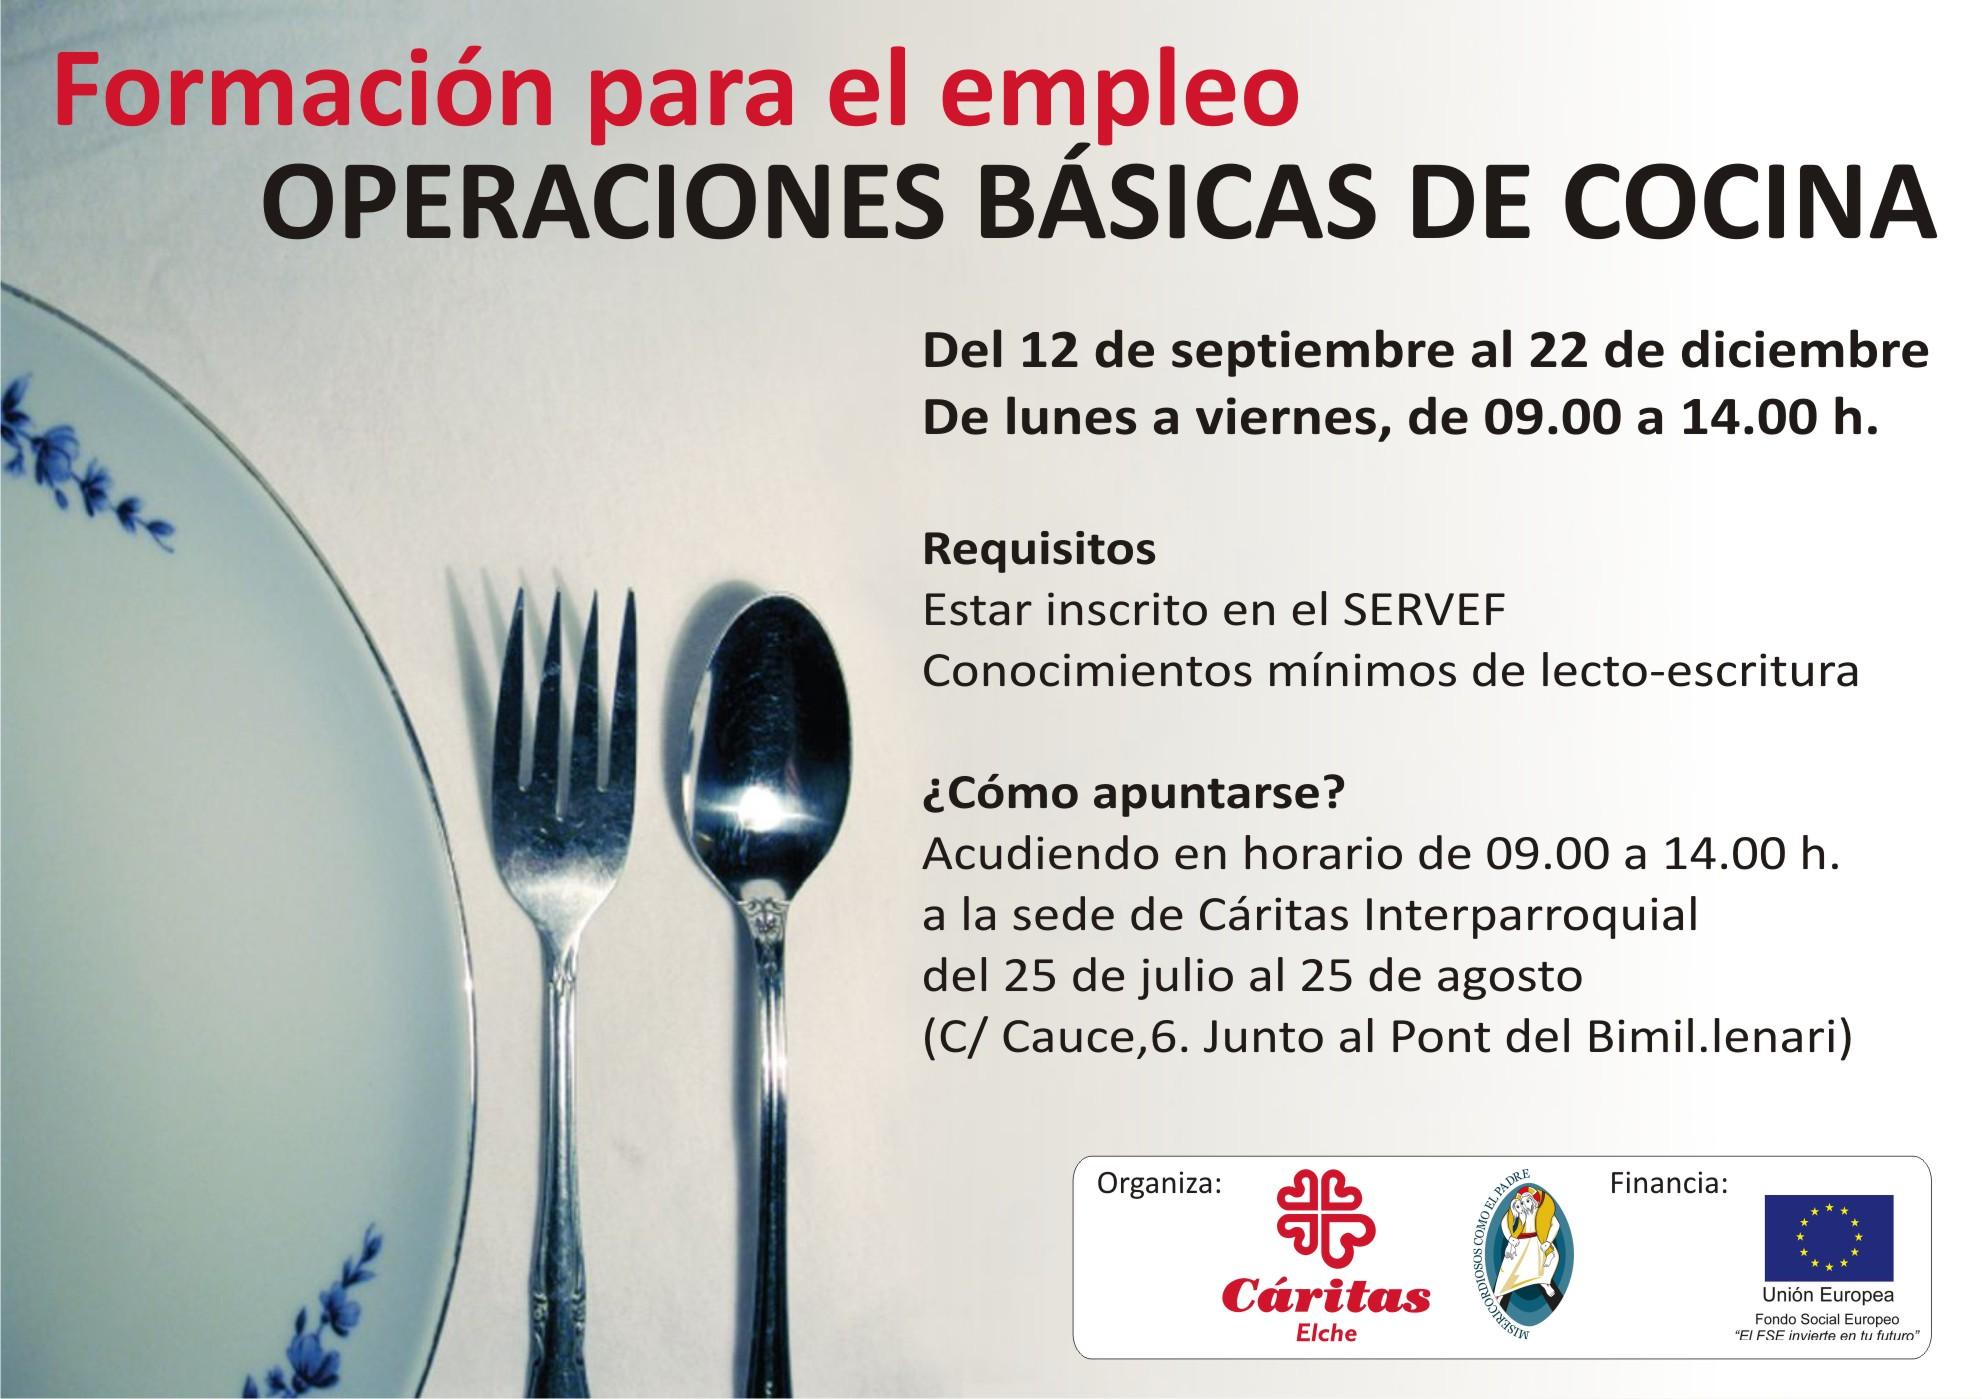 Curso De Operaciones Basicas De Cocina Caritas Elche